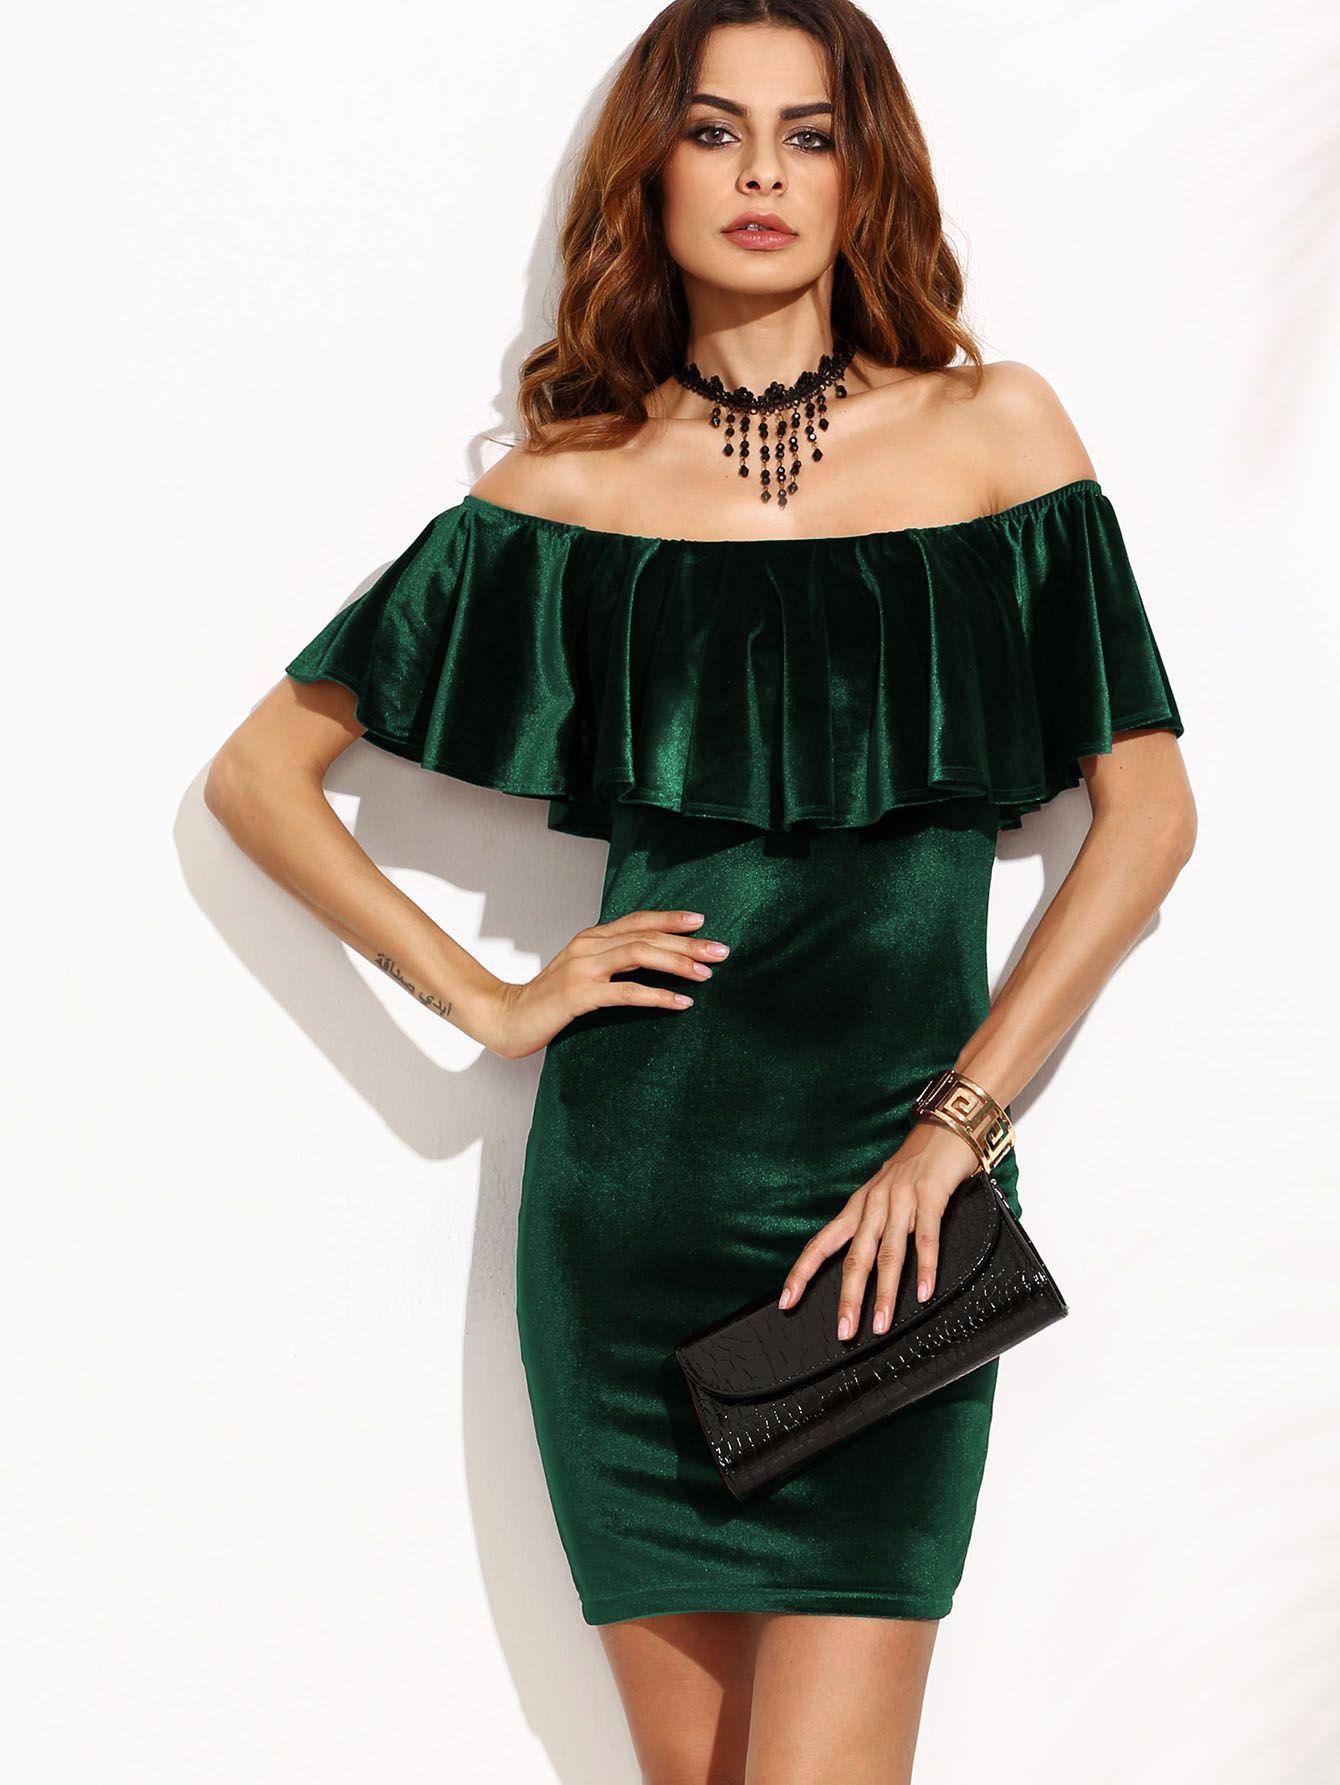 a6373783d183 SheIn offre Vestito Bodycon Di Velluto Spalle Scoperte Increspate - Verde    di più per soddisfare le vostre esigenze di moda.